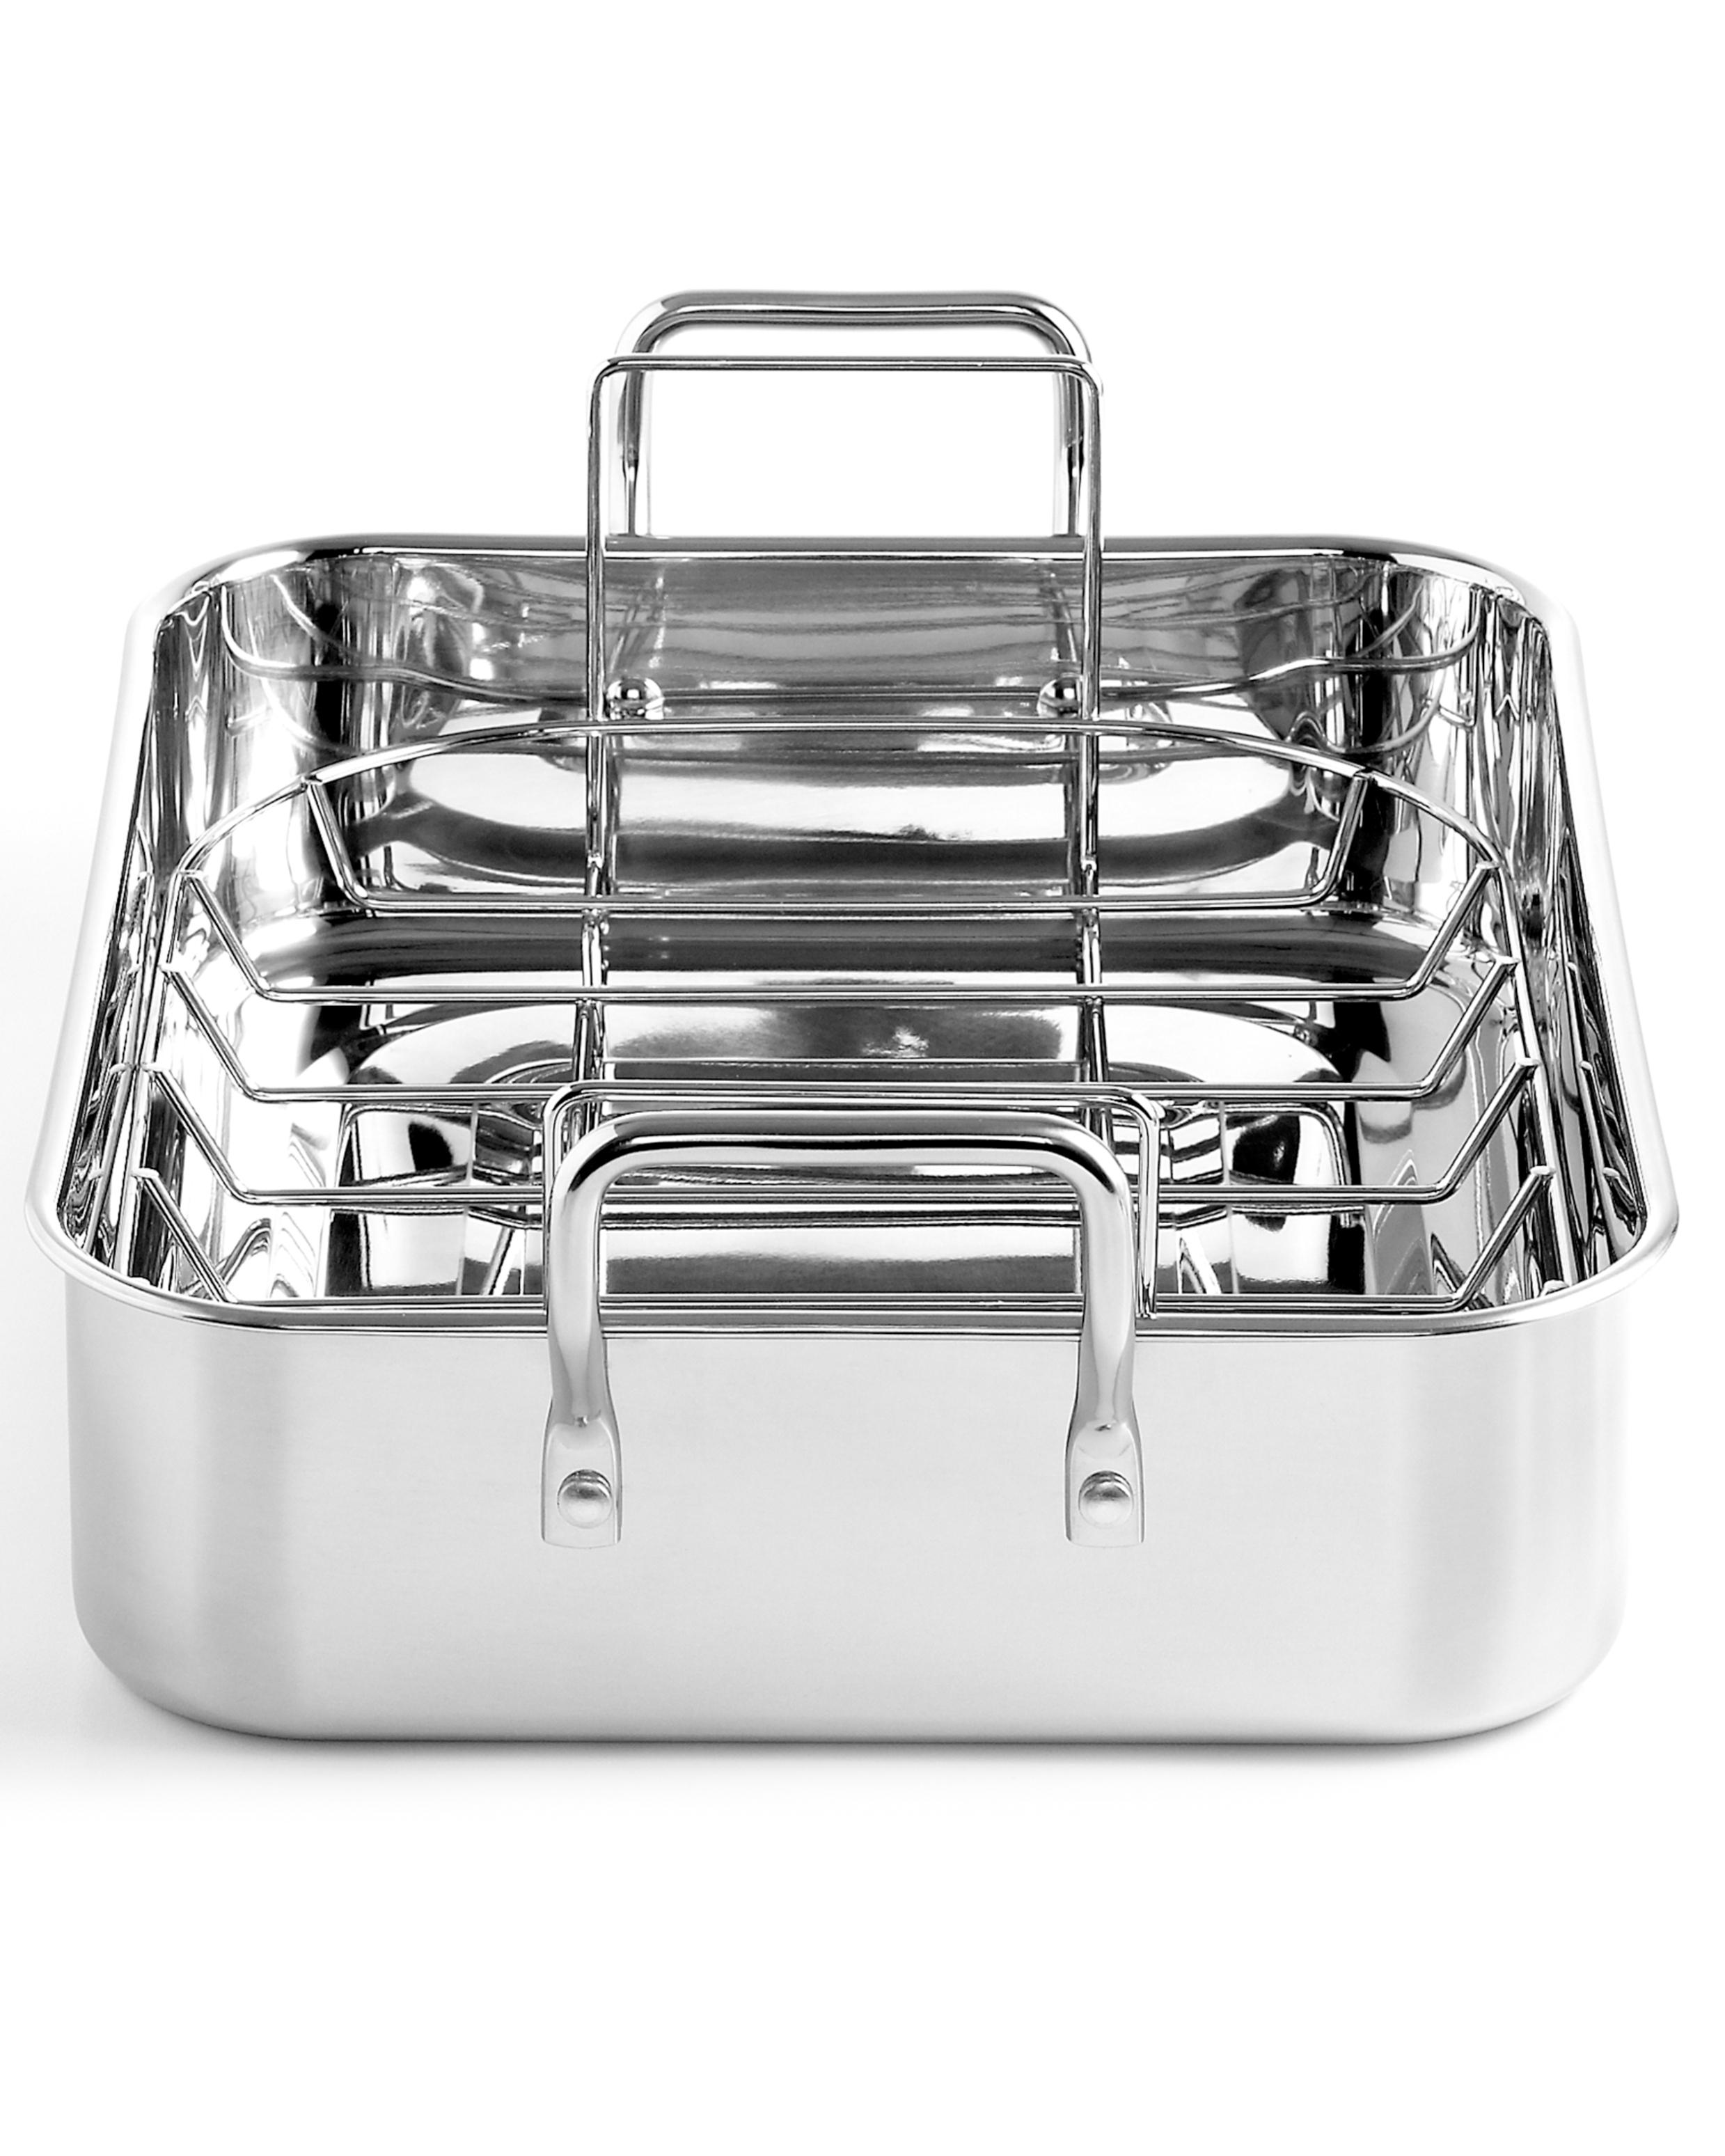 macys-registry-1-martha-stewart-collection-stainless-steel-roaster-with-roasting-rack-0115.jpg